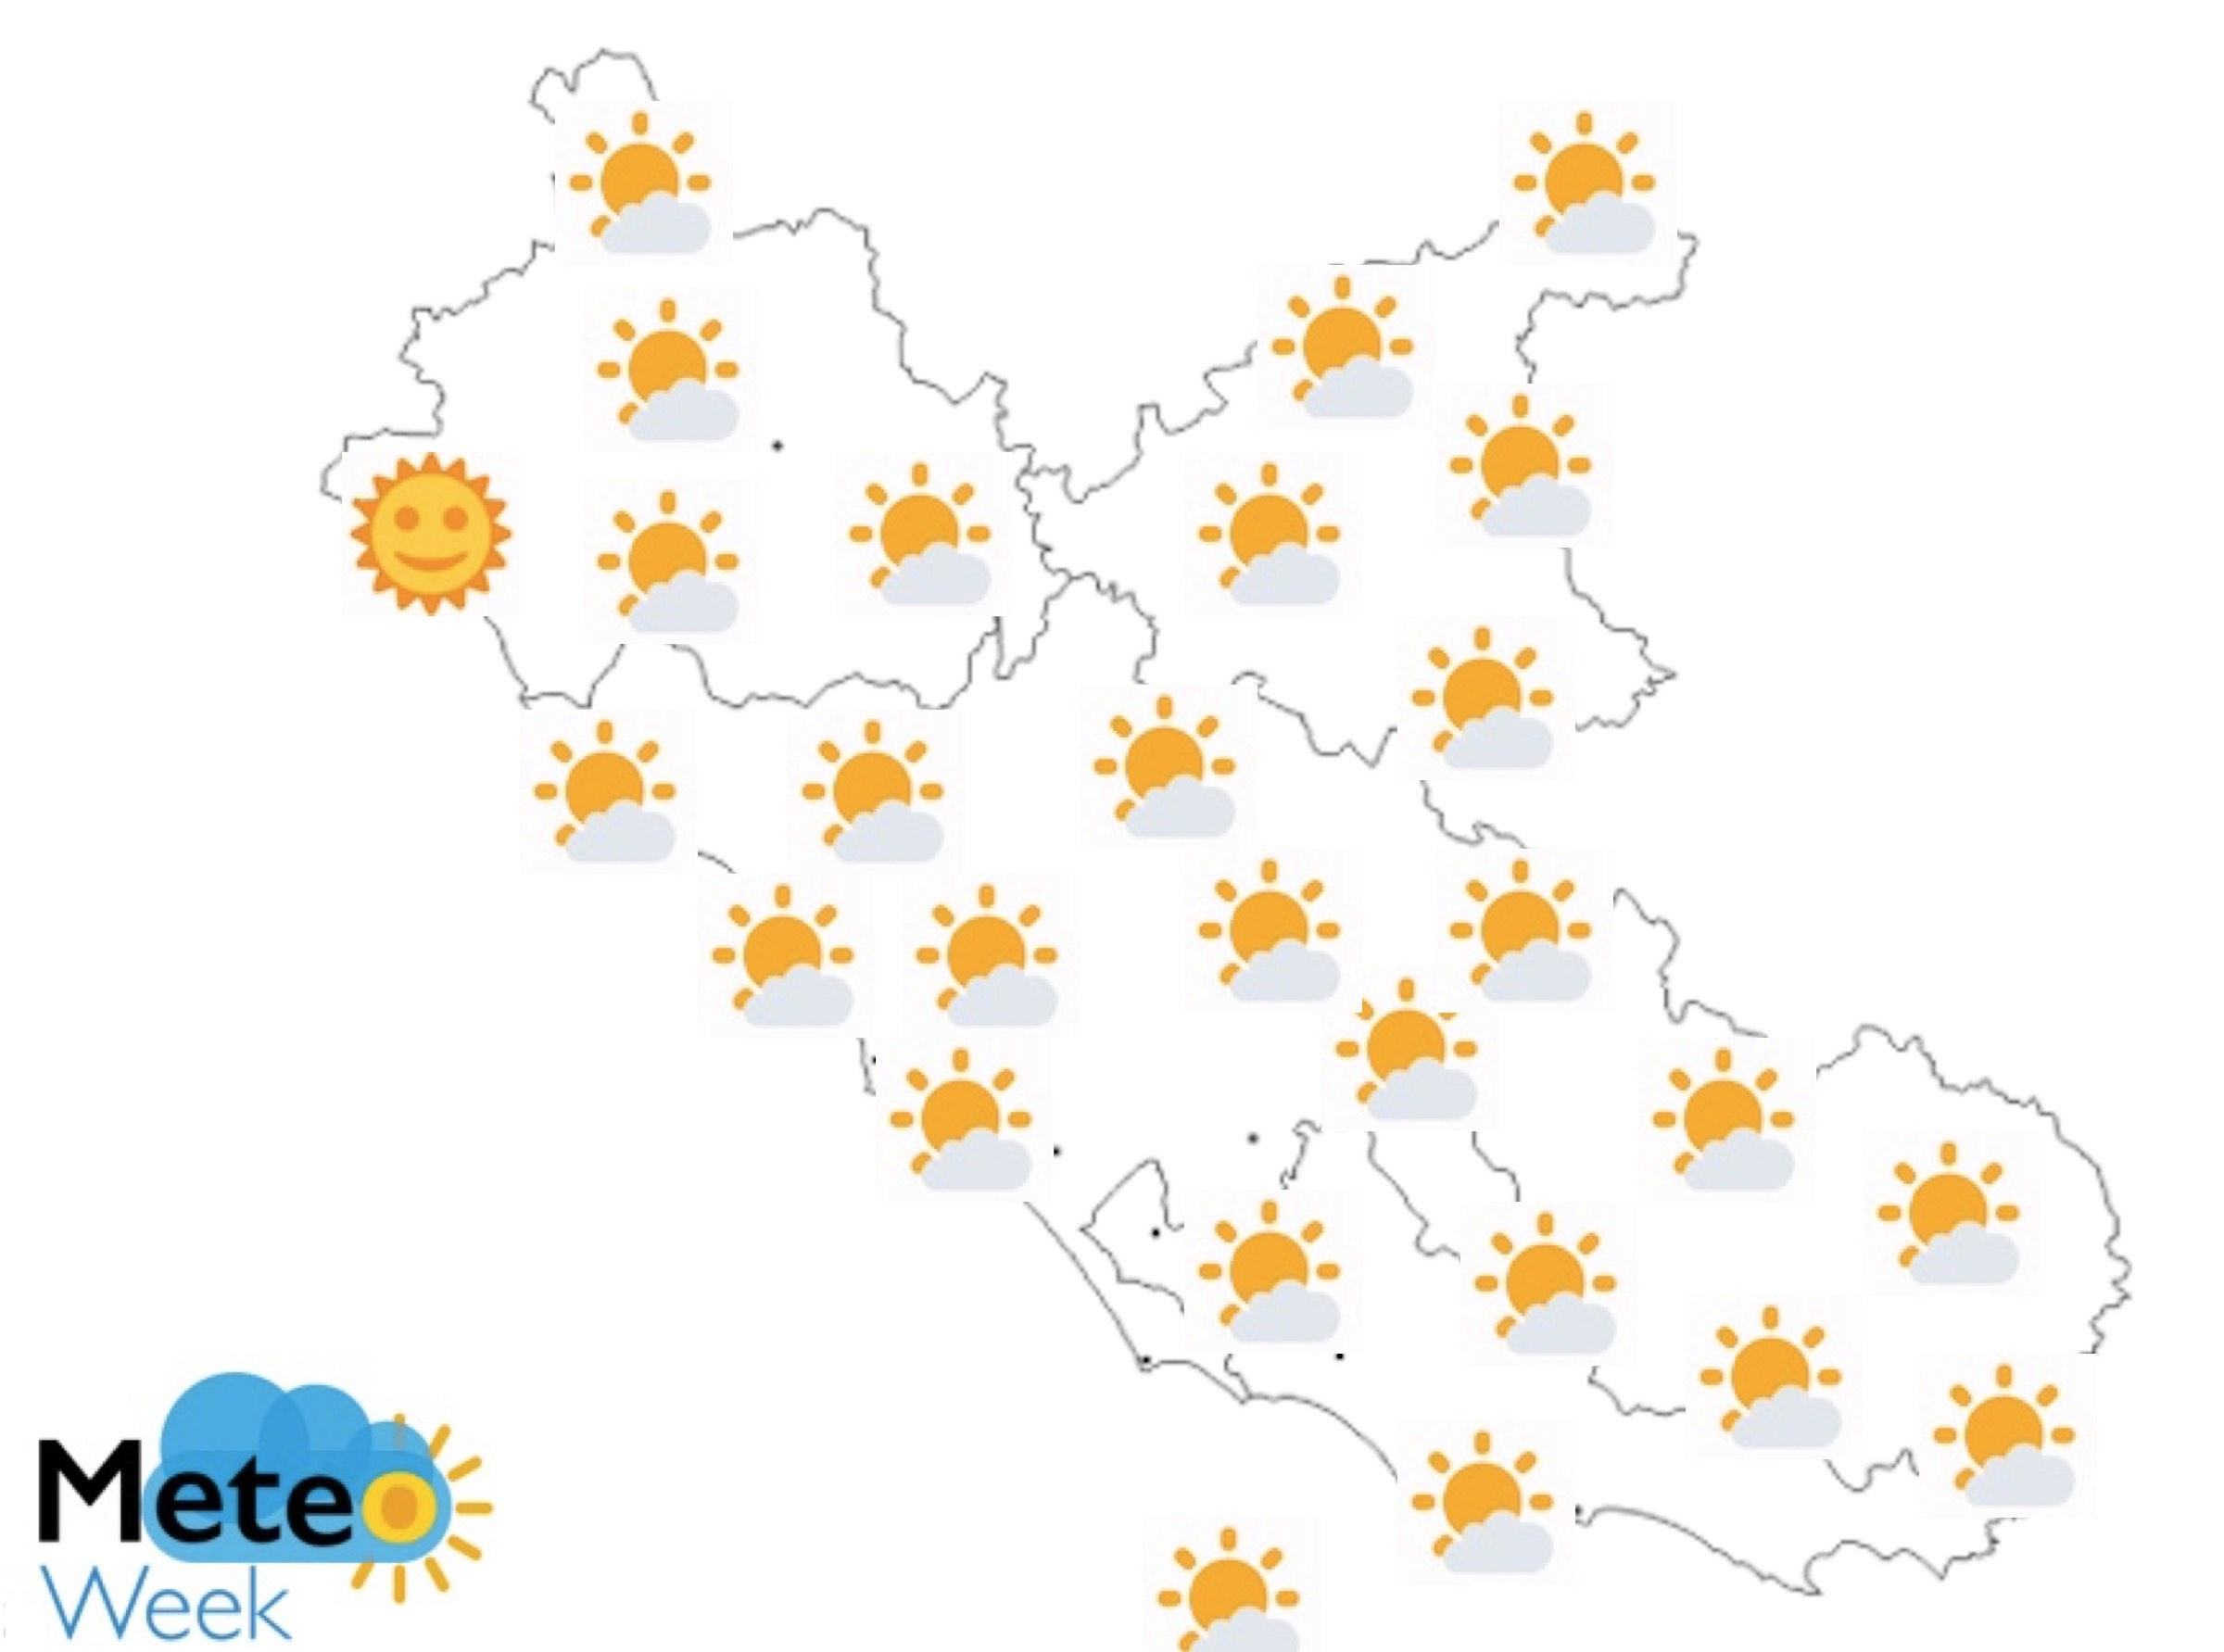 Meteo Regione Lazio mercoledì 22 maggio - meteoweek.com